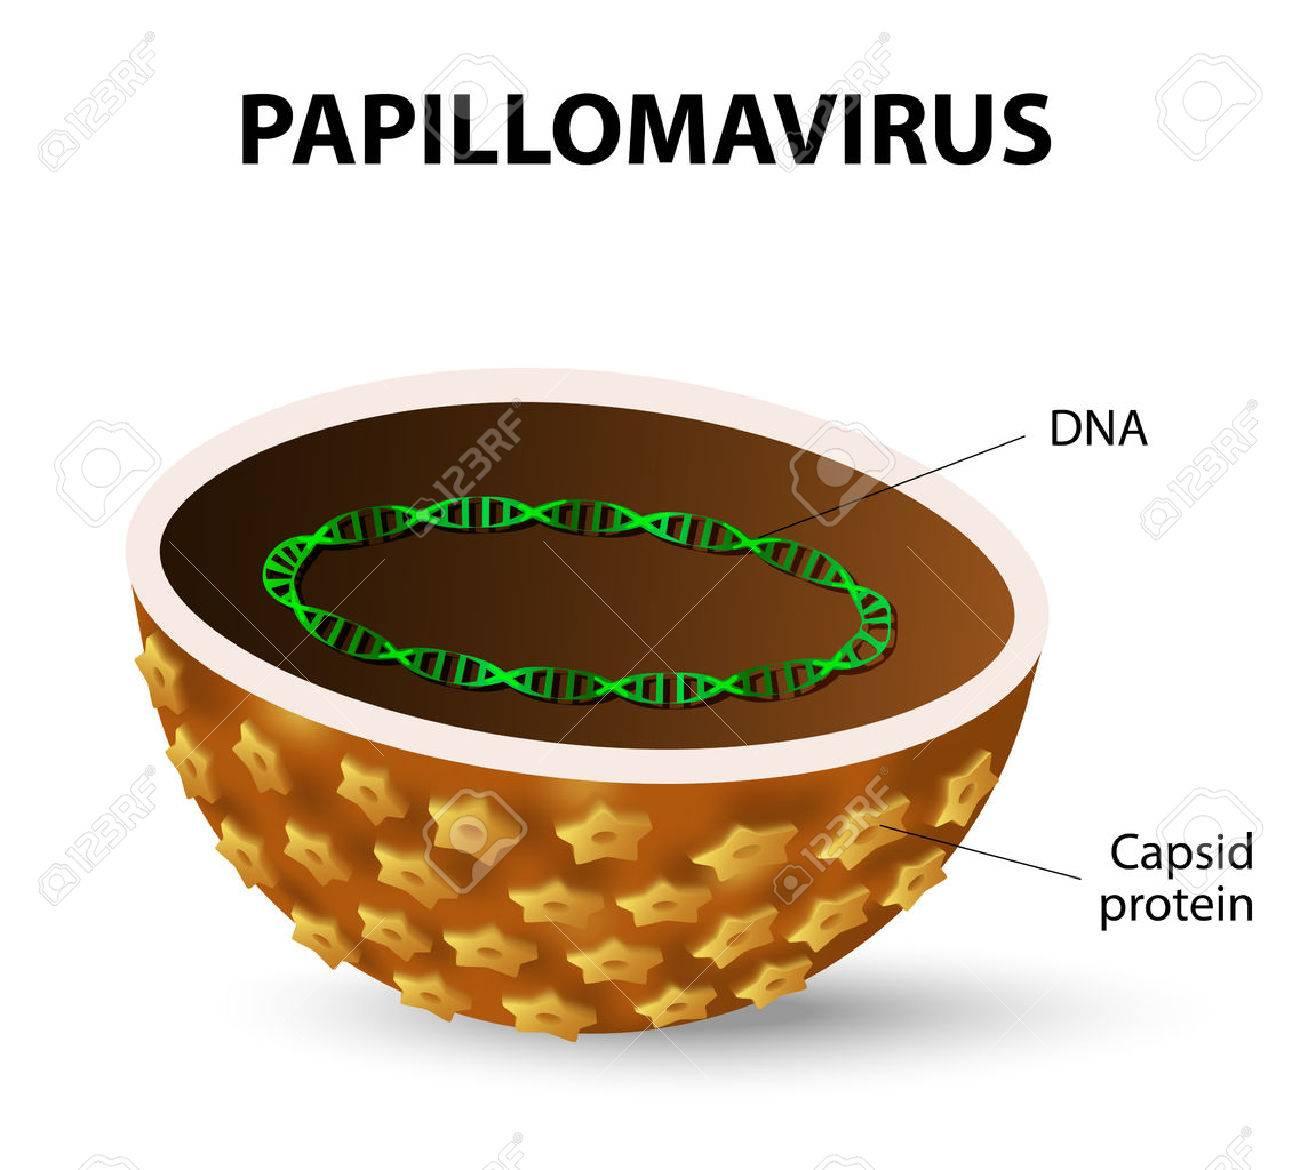 enterobius vermicularis terapija hpv no utero